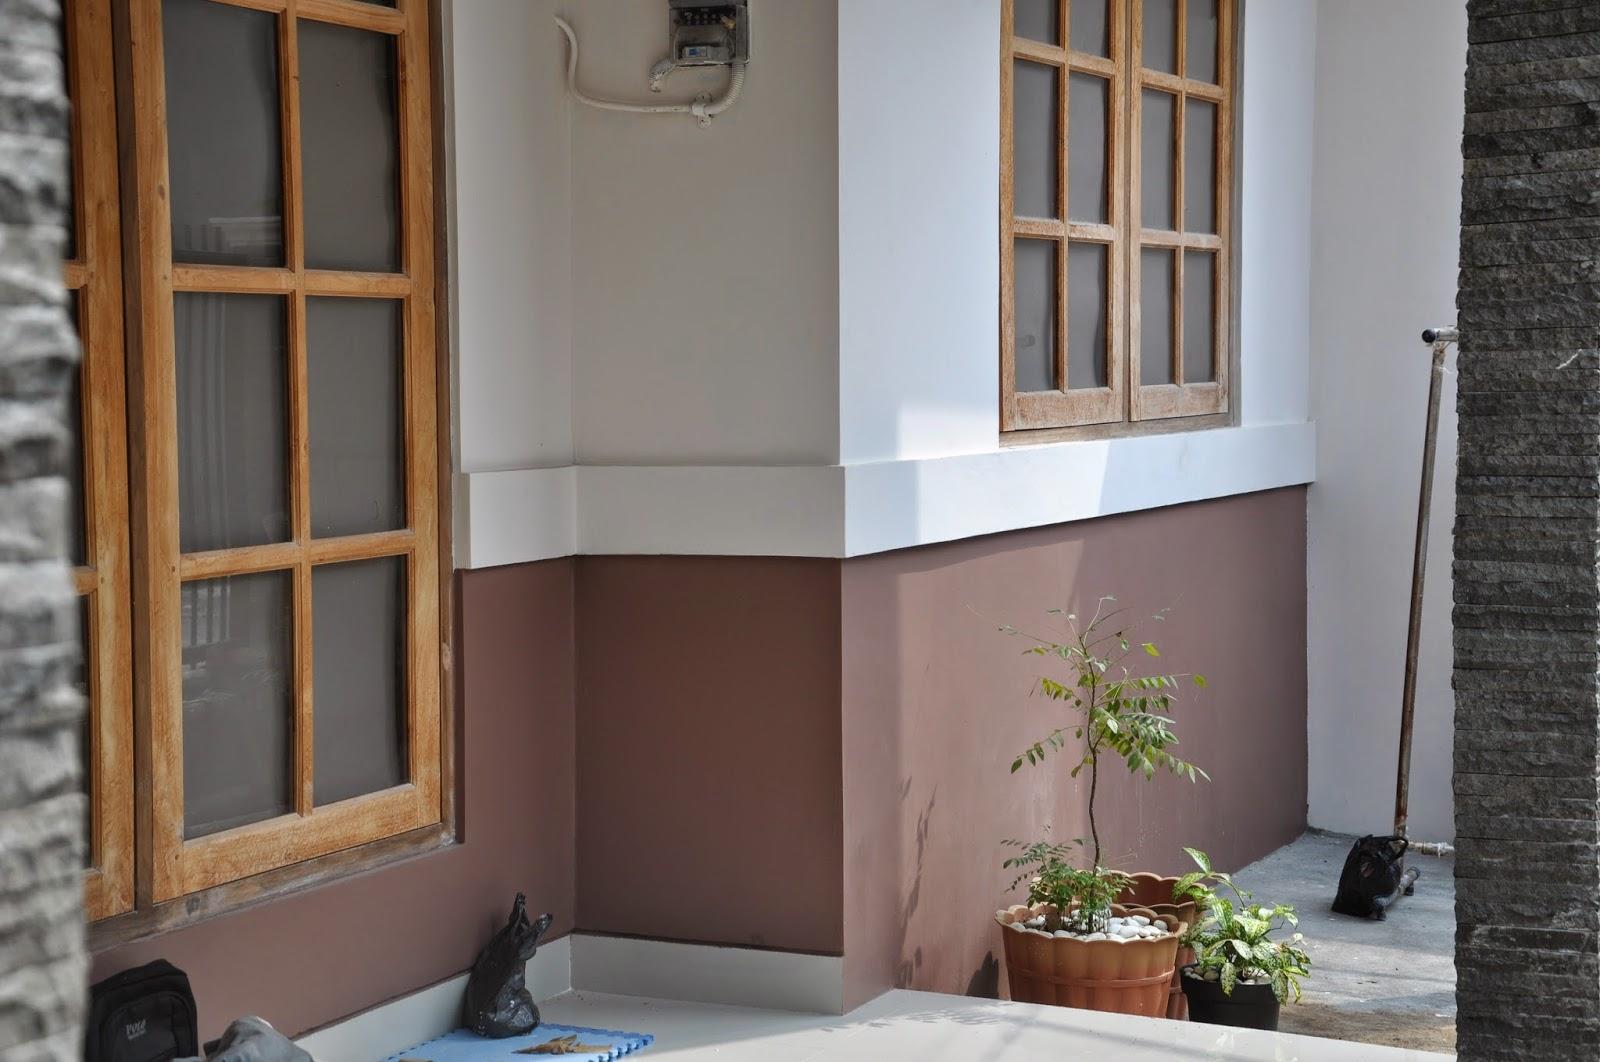 jasa pengecatan rumah jogja kombinasi warna cantik dengan